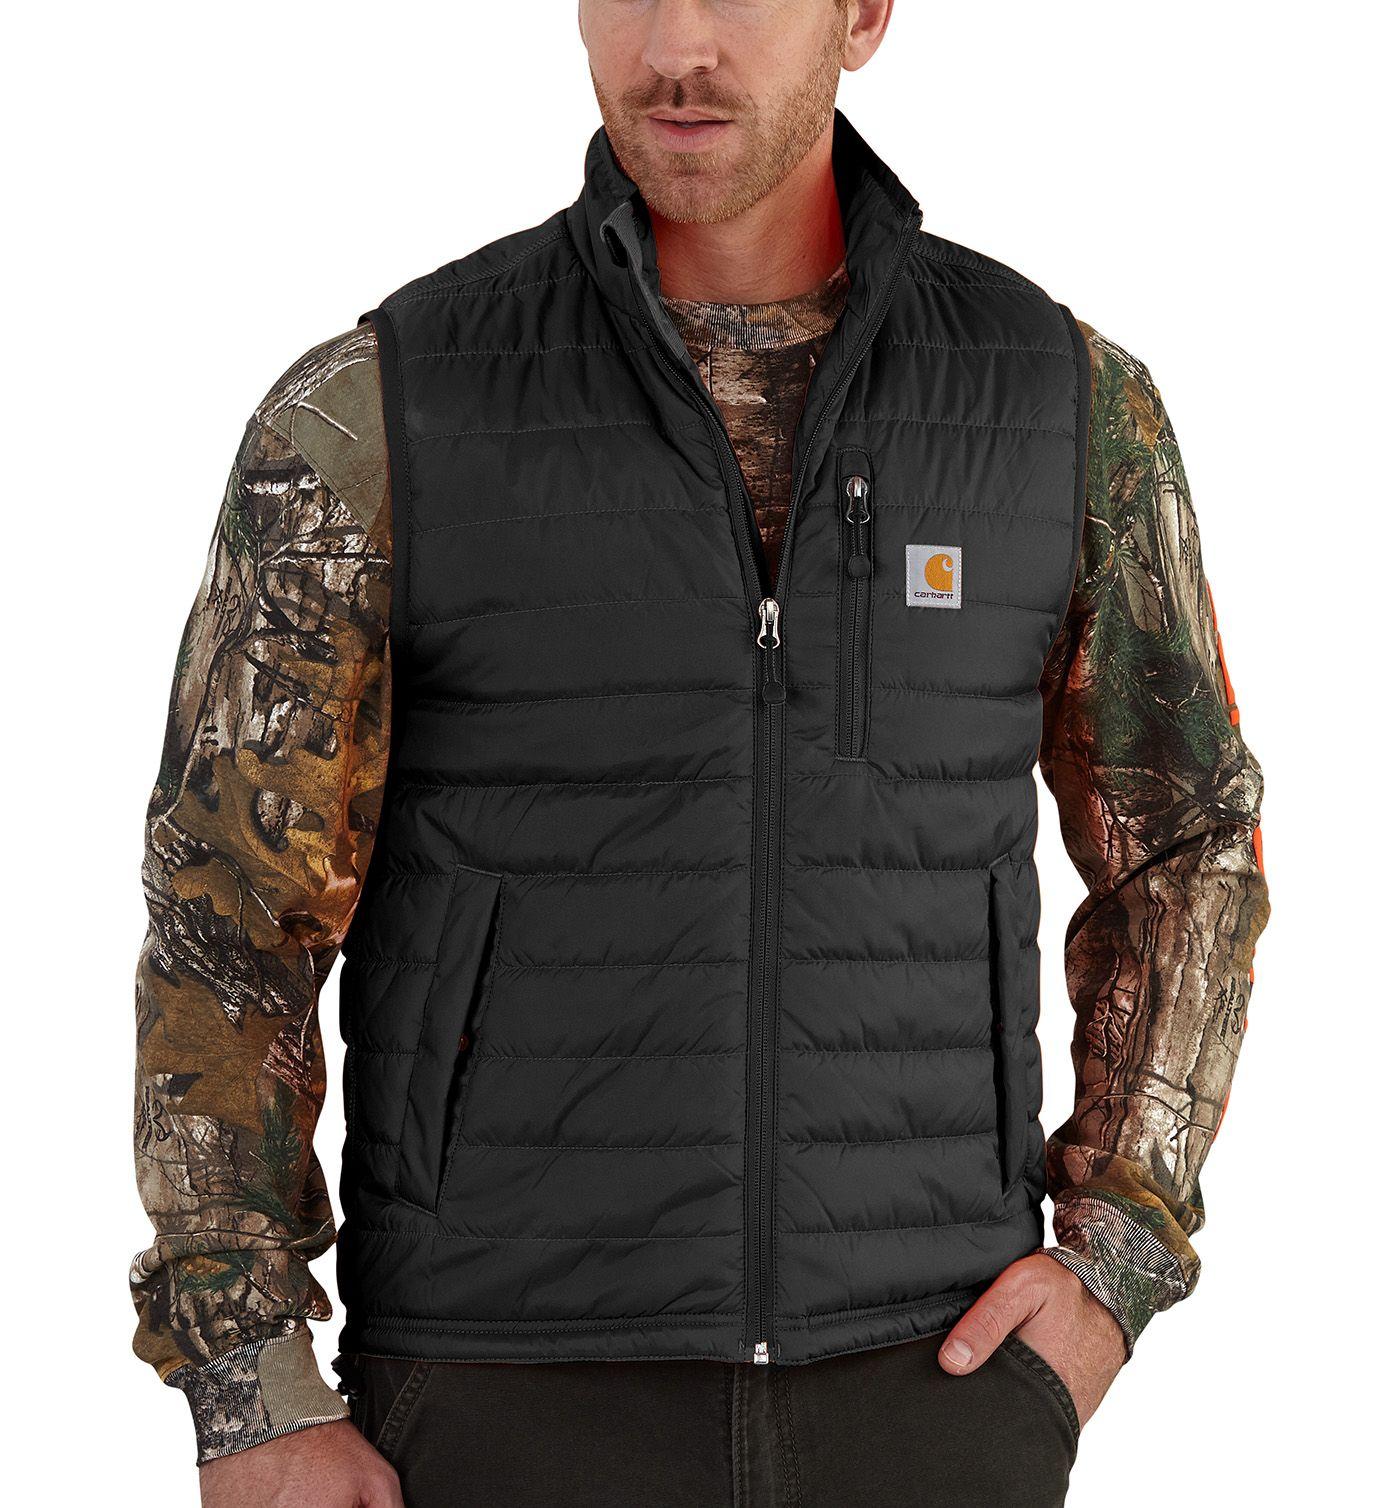 Carhartt Men's Lightweight Insulated Vest